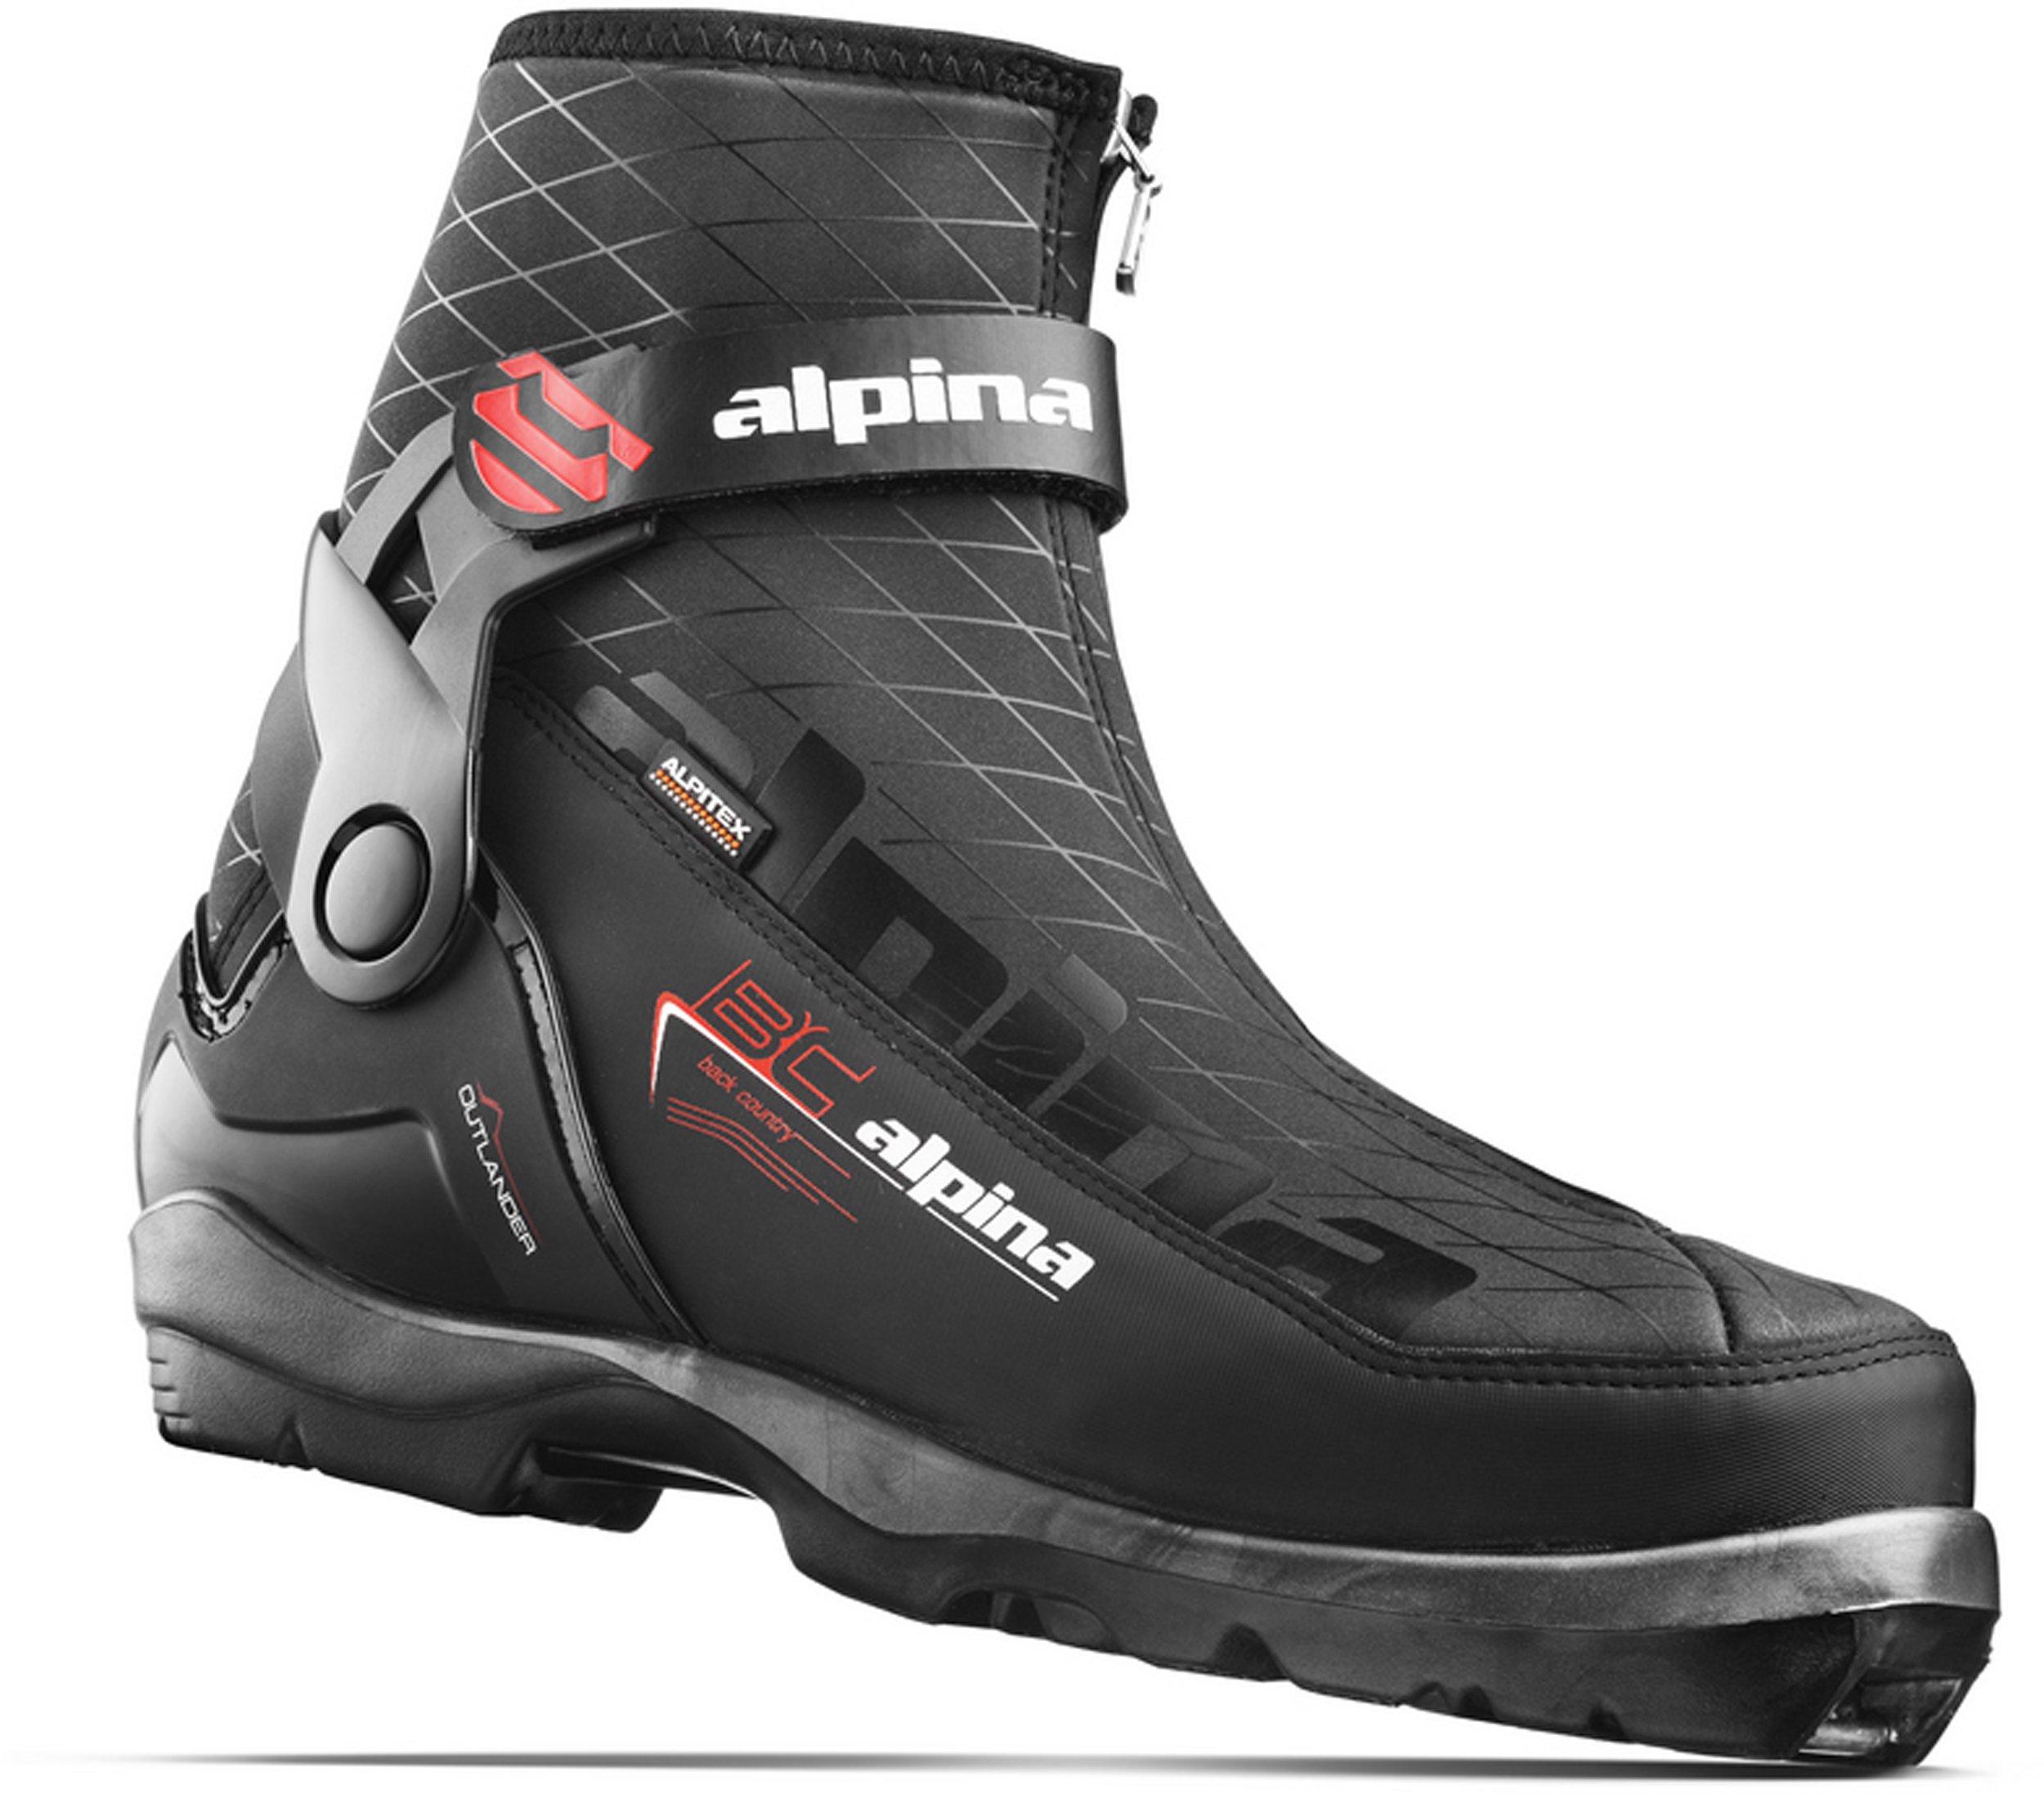 Alpina Sports Outlander Backcountry Ski Boots, Black/Orange/White, Euro 42